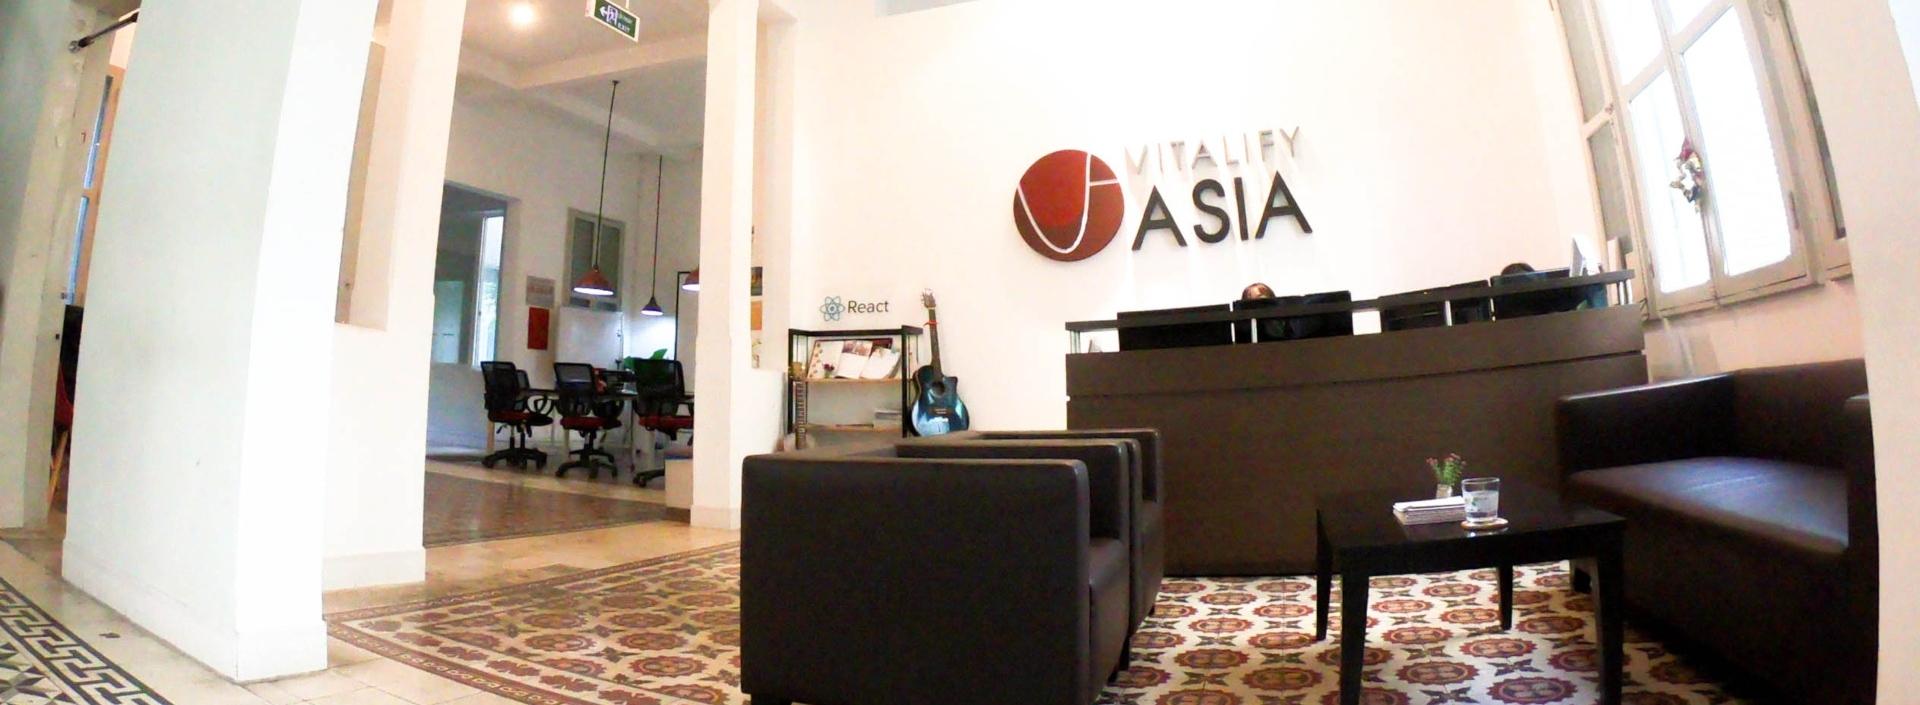 Open jobs at Vitalify Asia